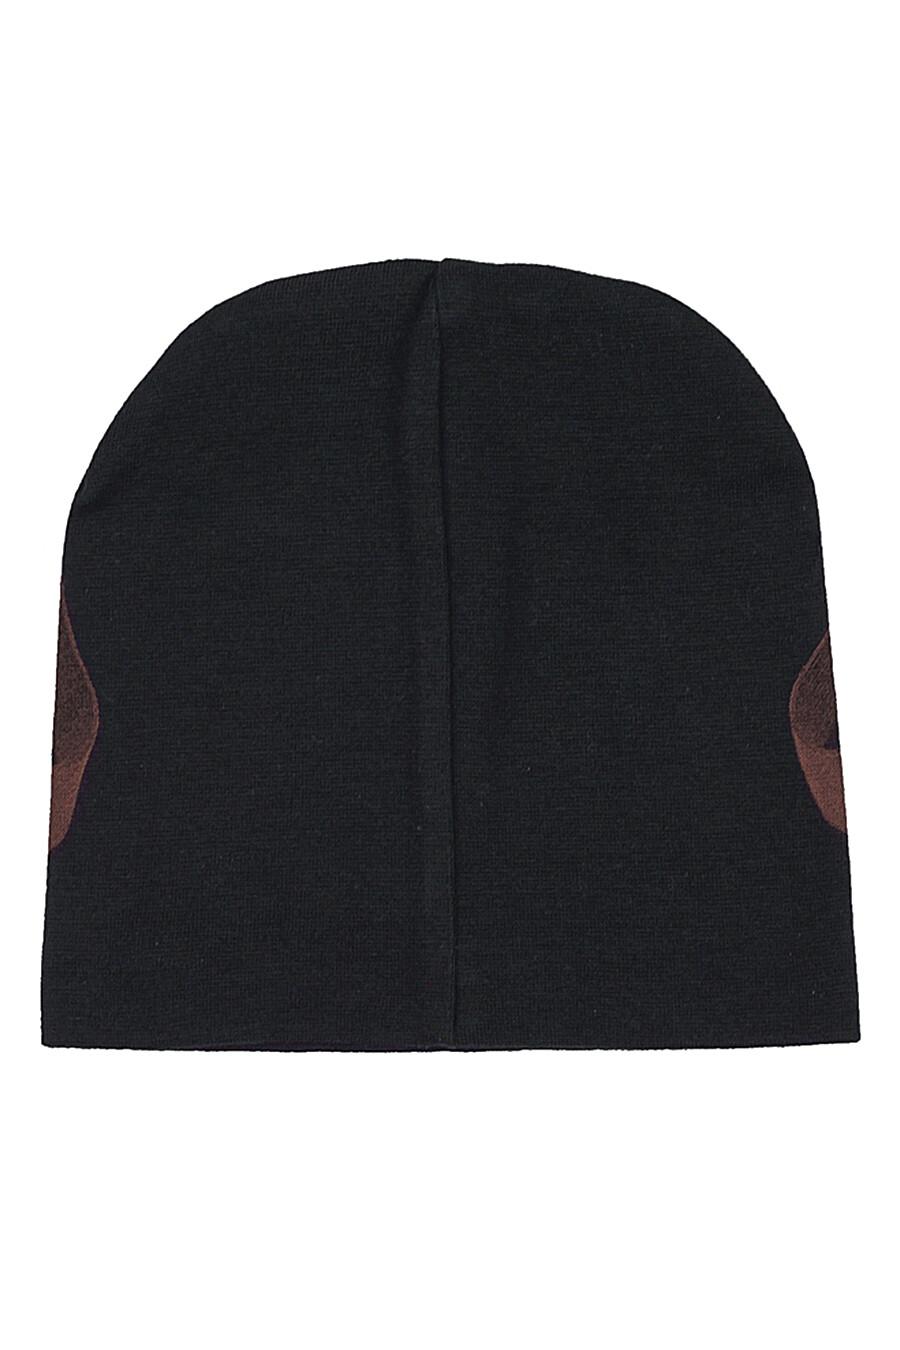 Шапка для мальчиков АПРЕЛЬ 700245 купить оптом от производителя. Совместная покупка детской одежды в OptMoyo